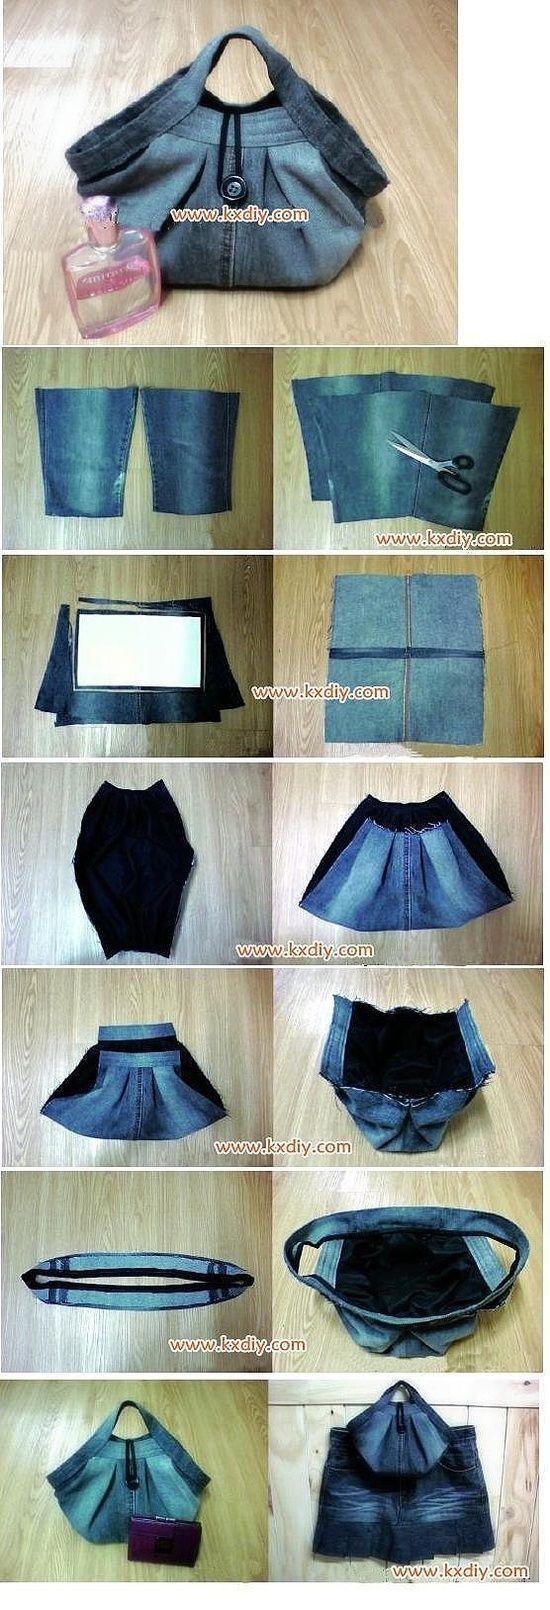 sac en jeans forme sympa